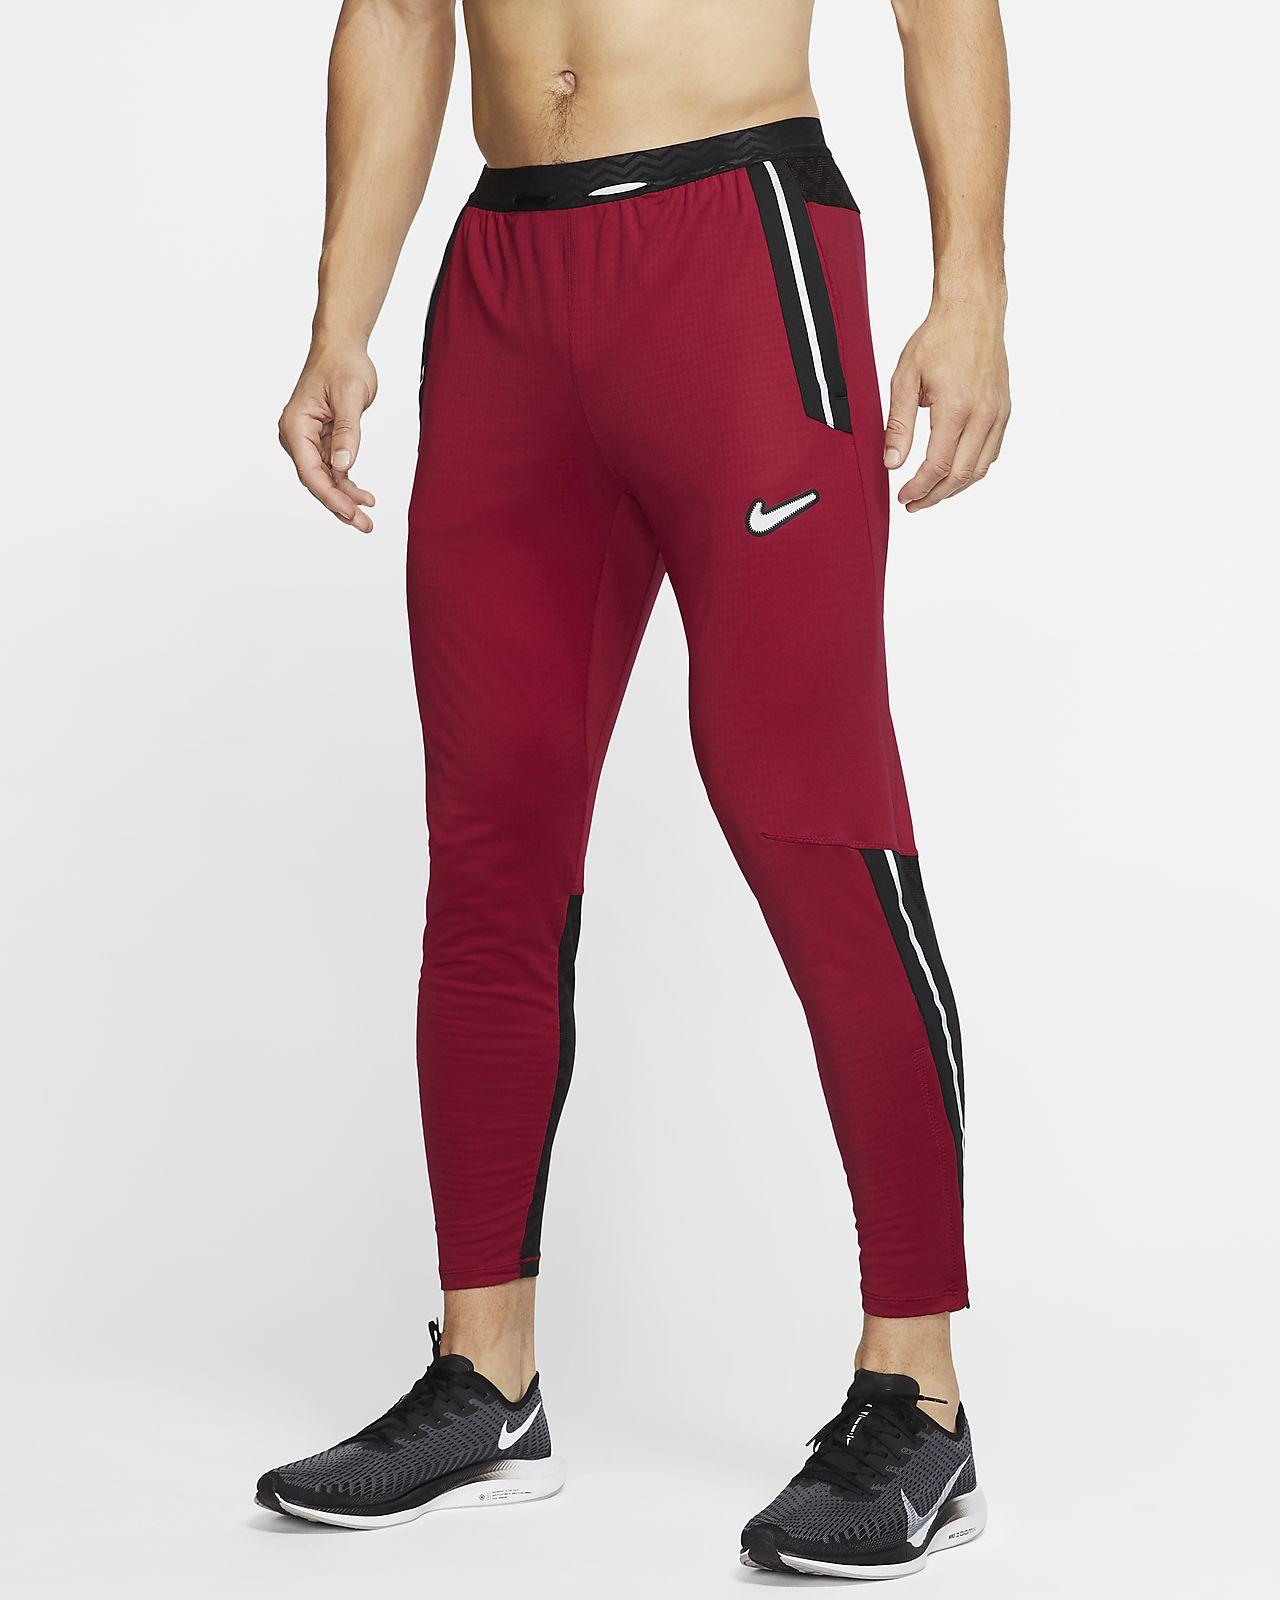 Pantaloni da running Nike Phenom Wild Run - Uomo